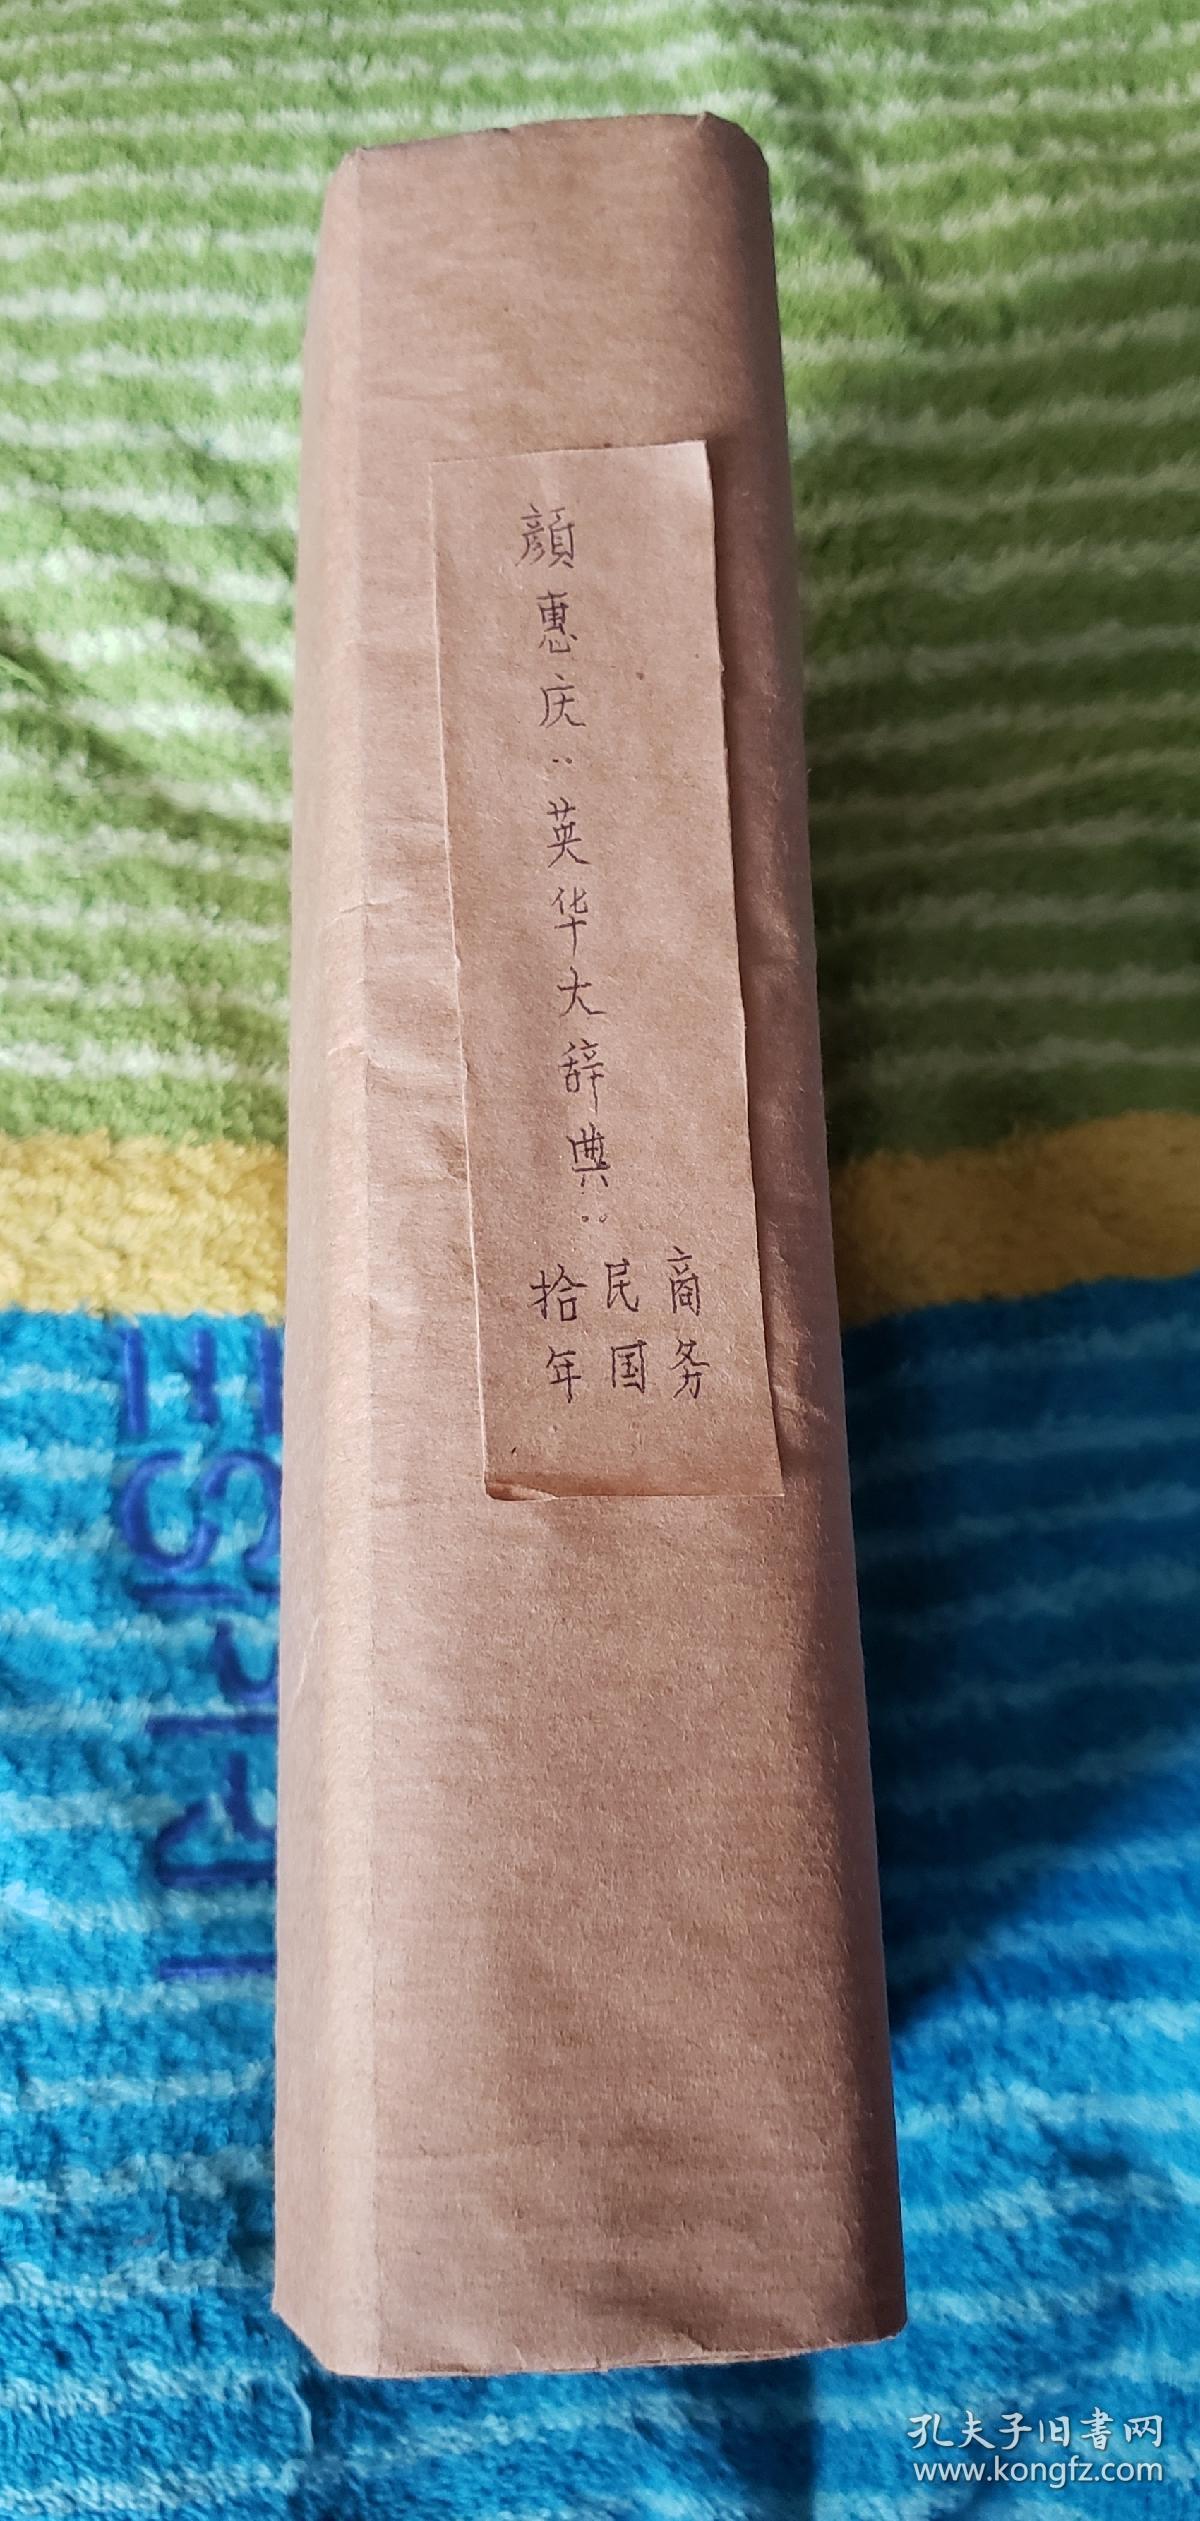 英华大辞典  小字本